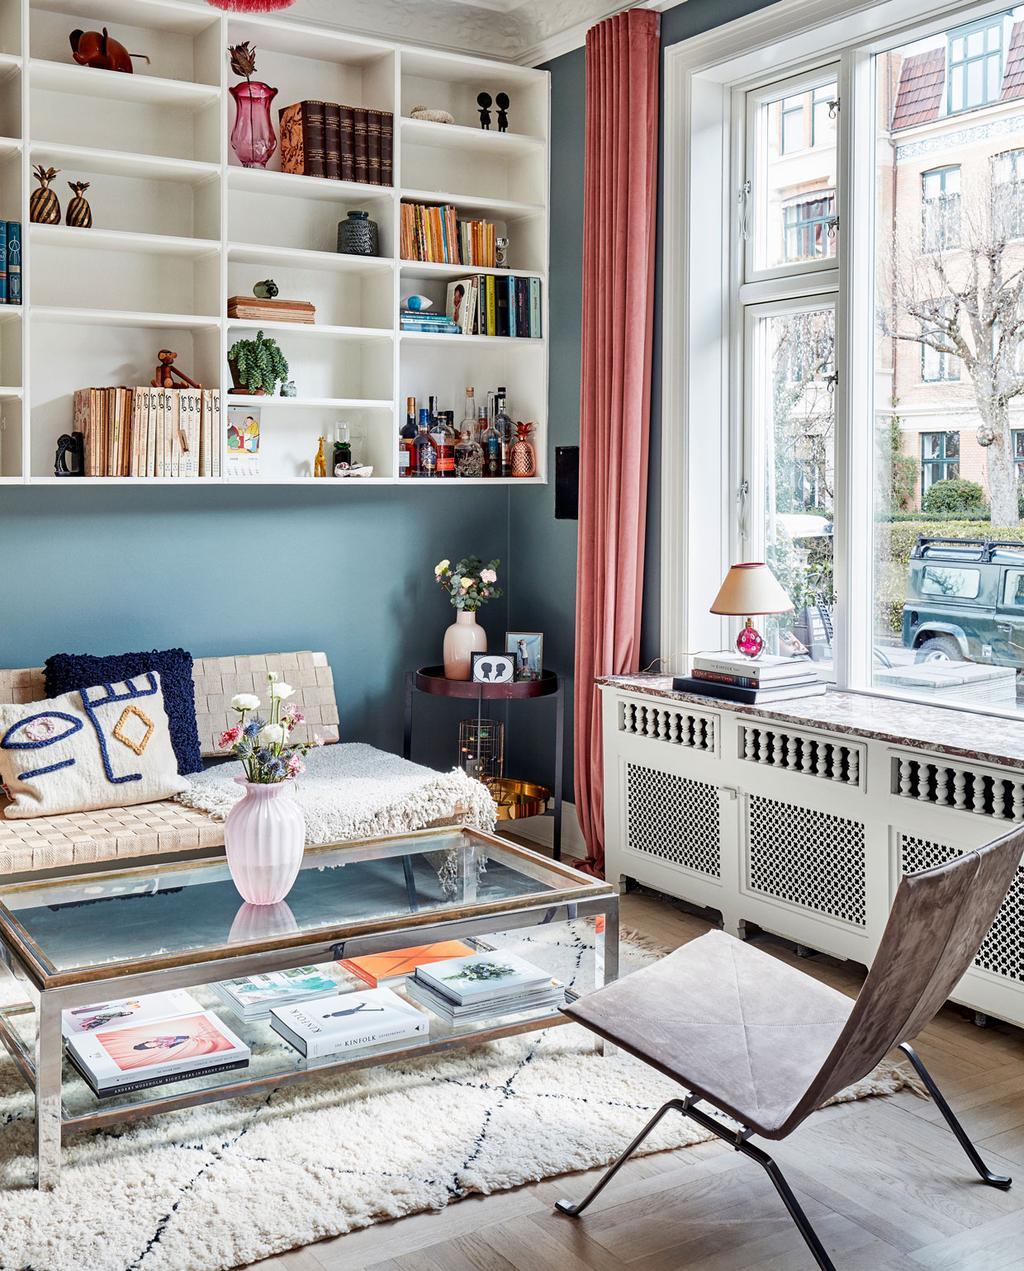 vtwonen 10-2019 | woonkamer vloerkleed blauwe wand